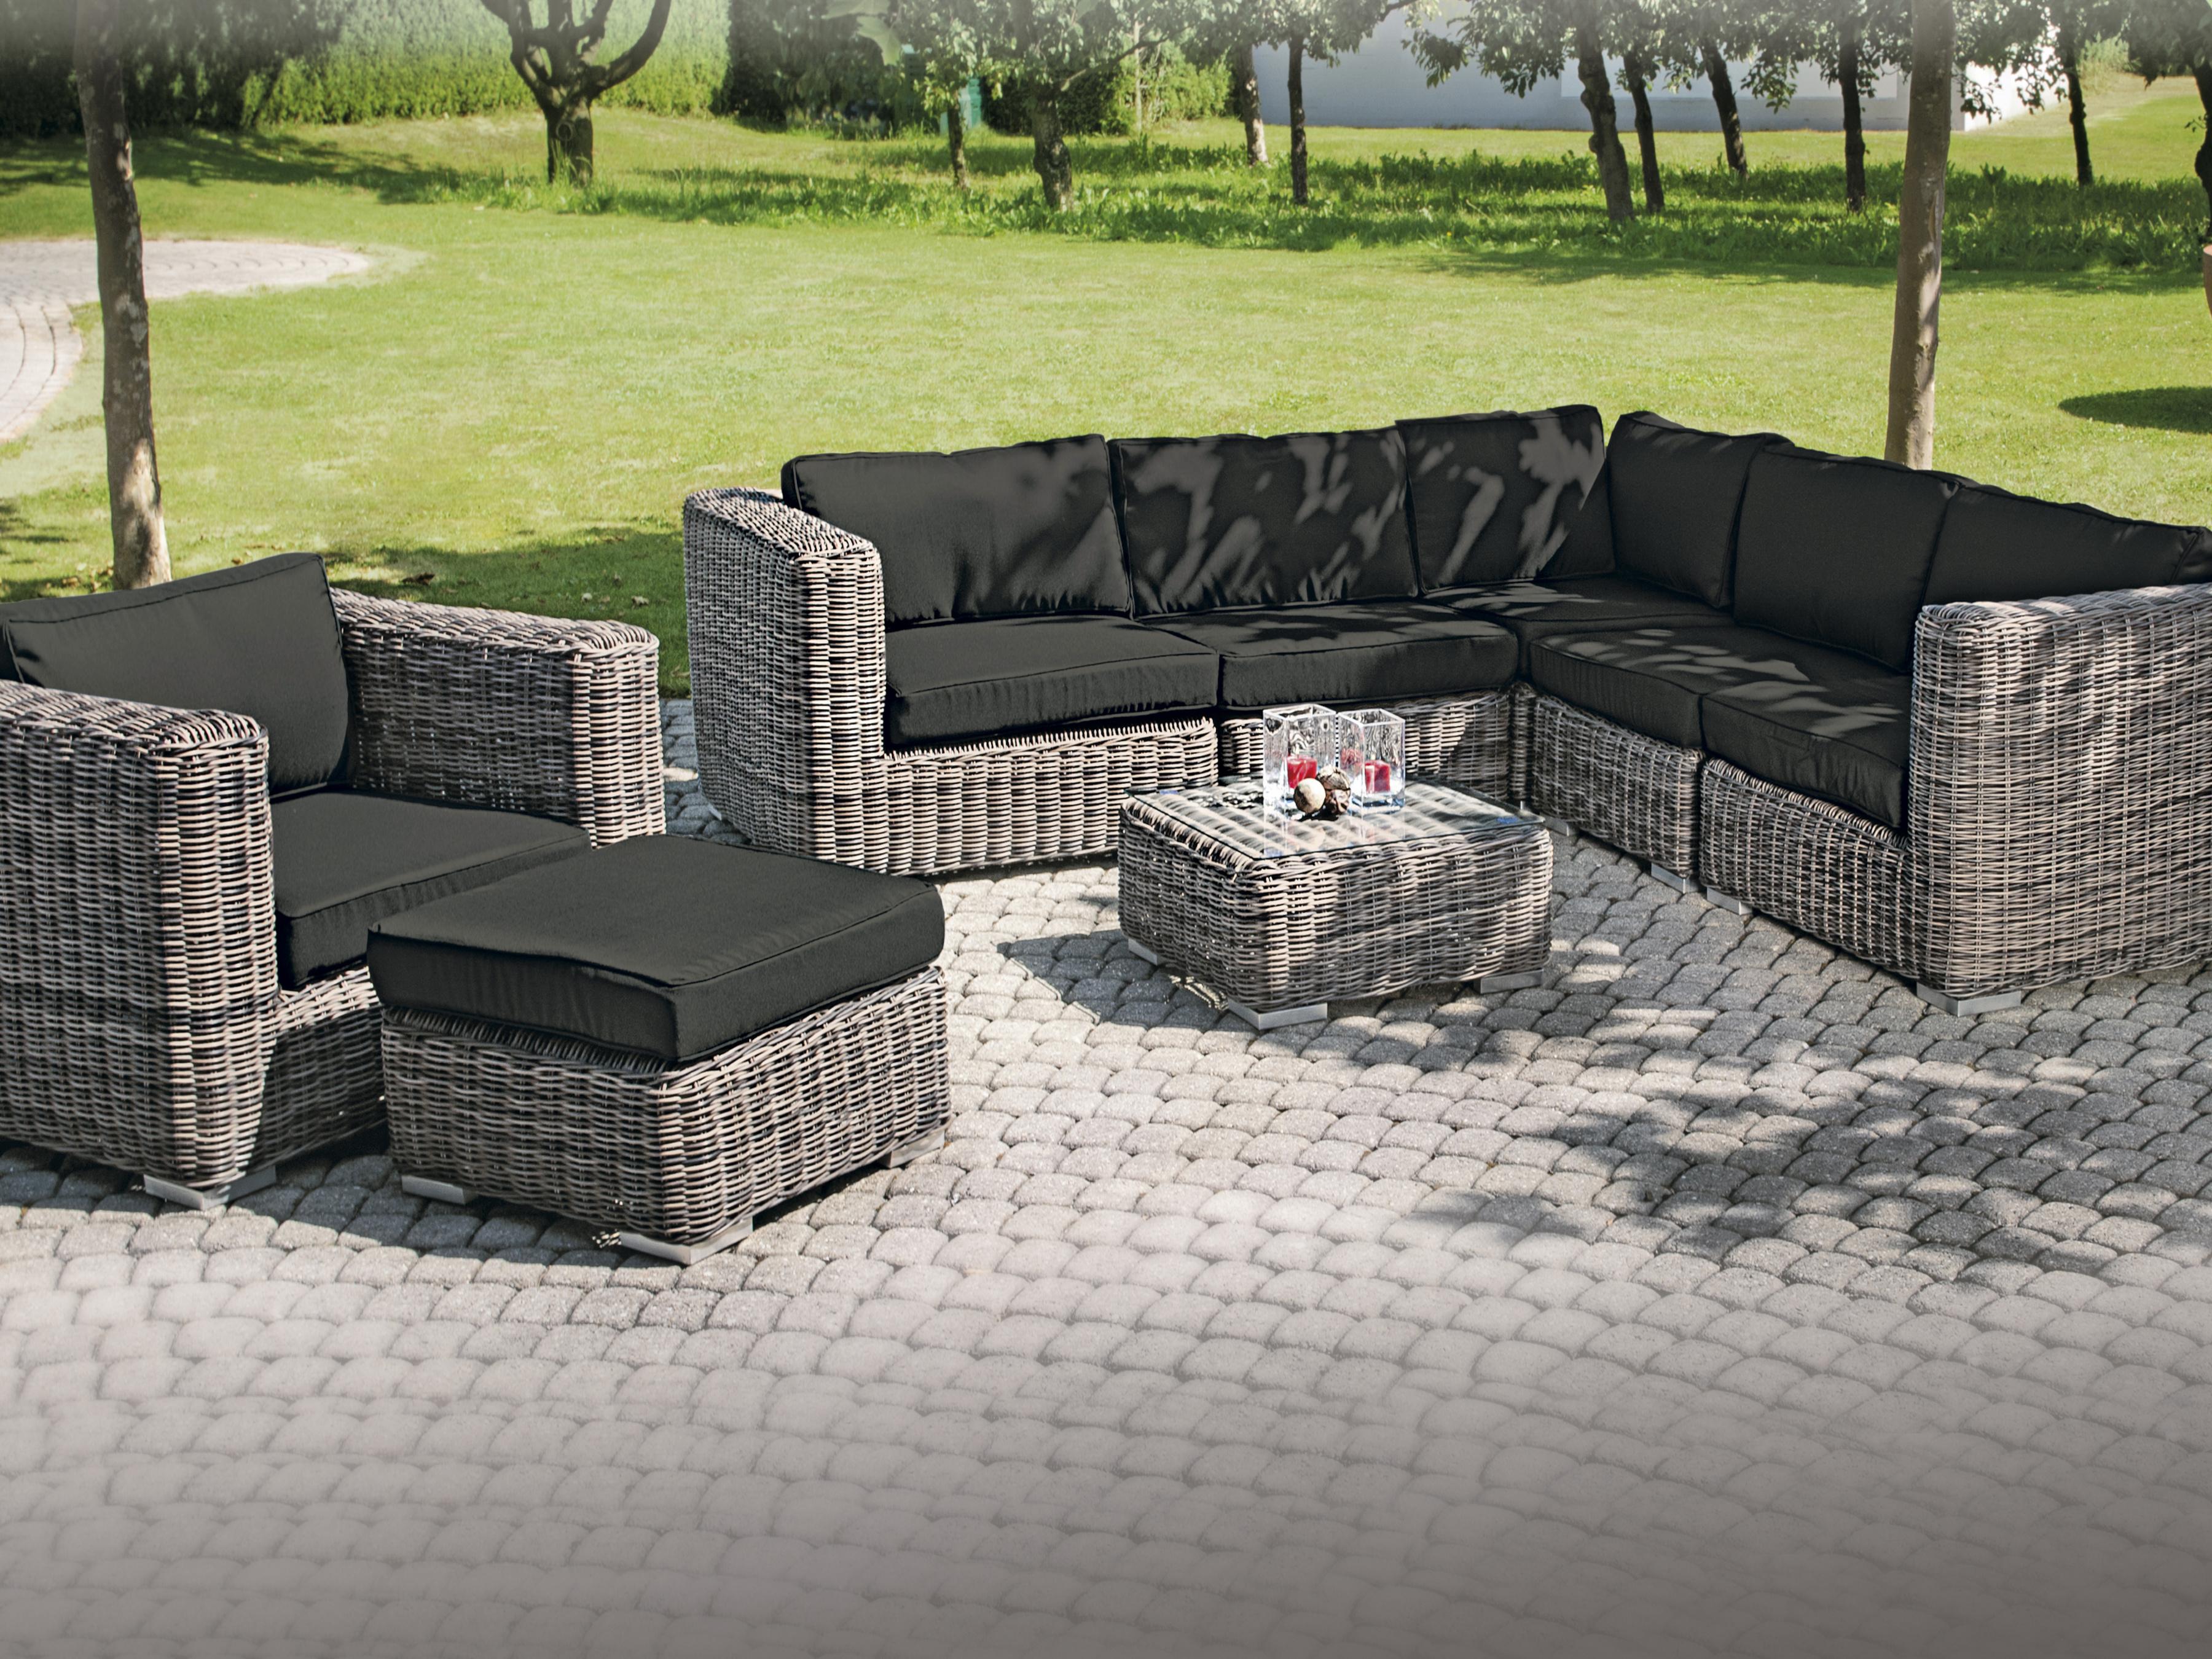 rattan gartenm bel lounge g nstig dekoration inspiration innenraum und m bel ideen. Black Bedroom Furniture Sets. Home Design Ideas